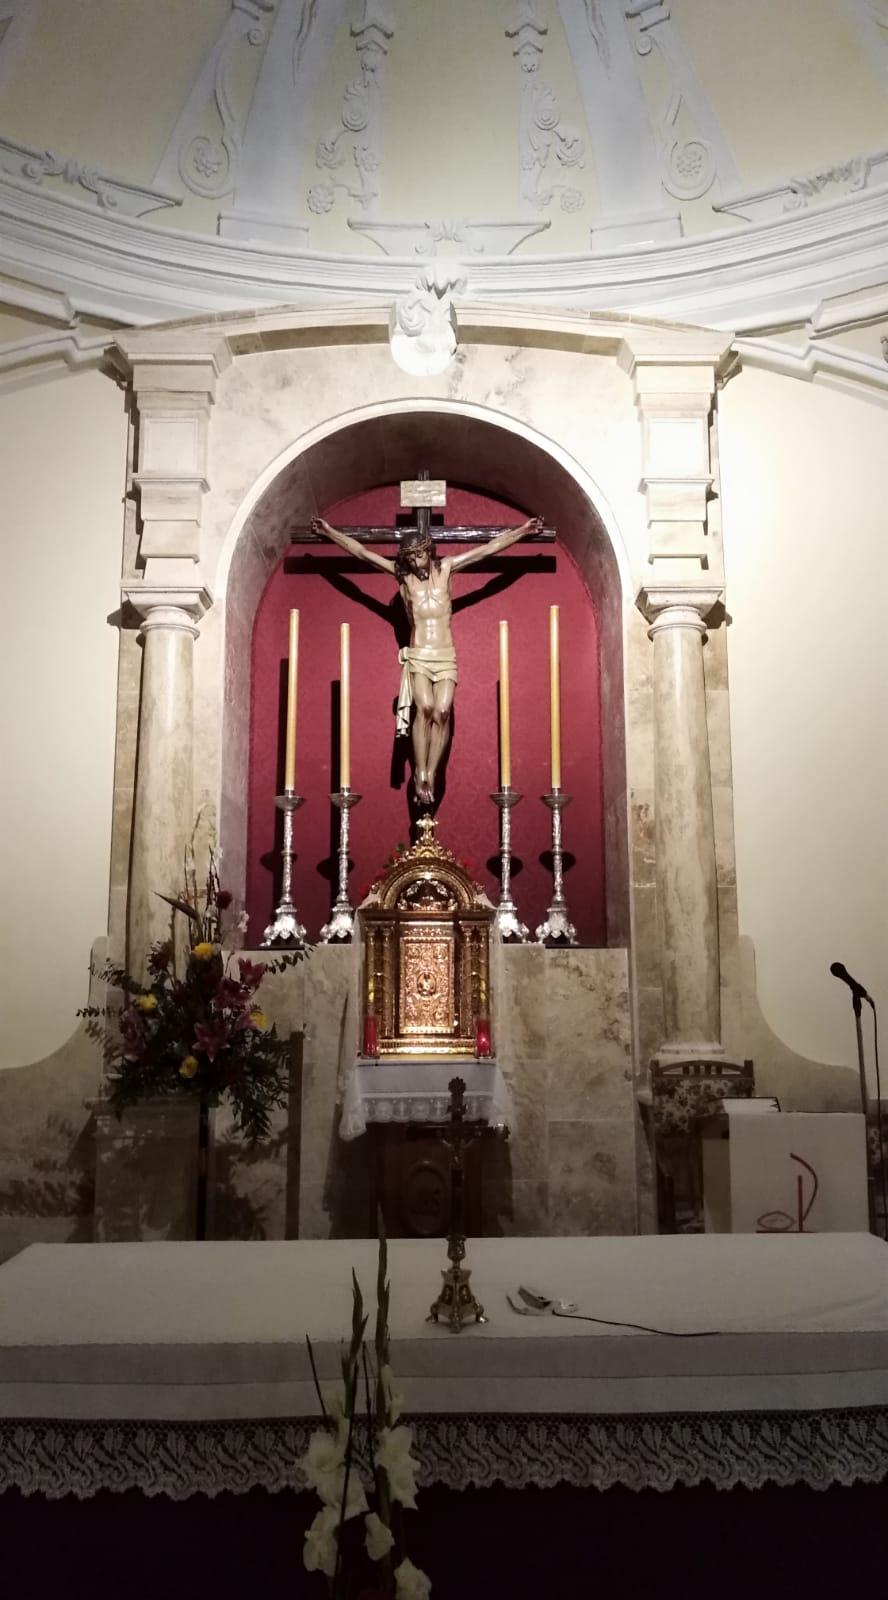 El Stmo. Cristo de la Misericordia repuesto al culto en el nuevo retablo del Altar Mayor de su templo parroquial.